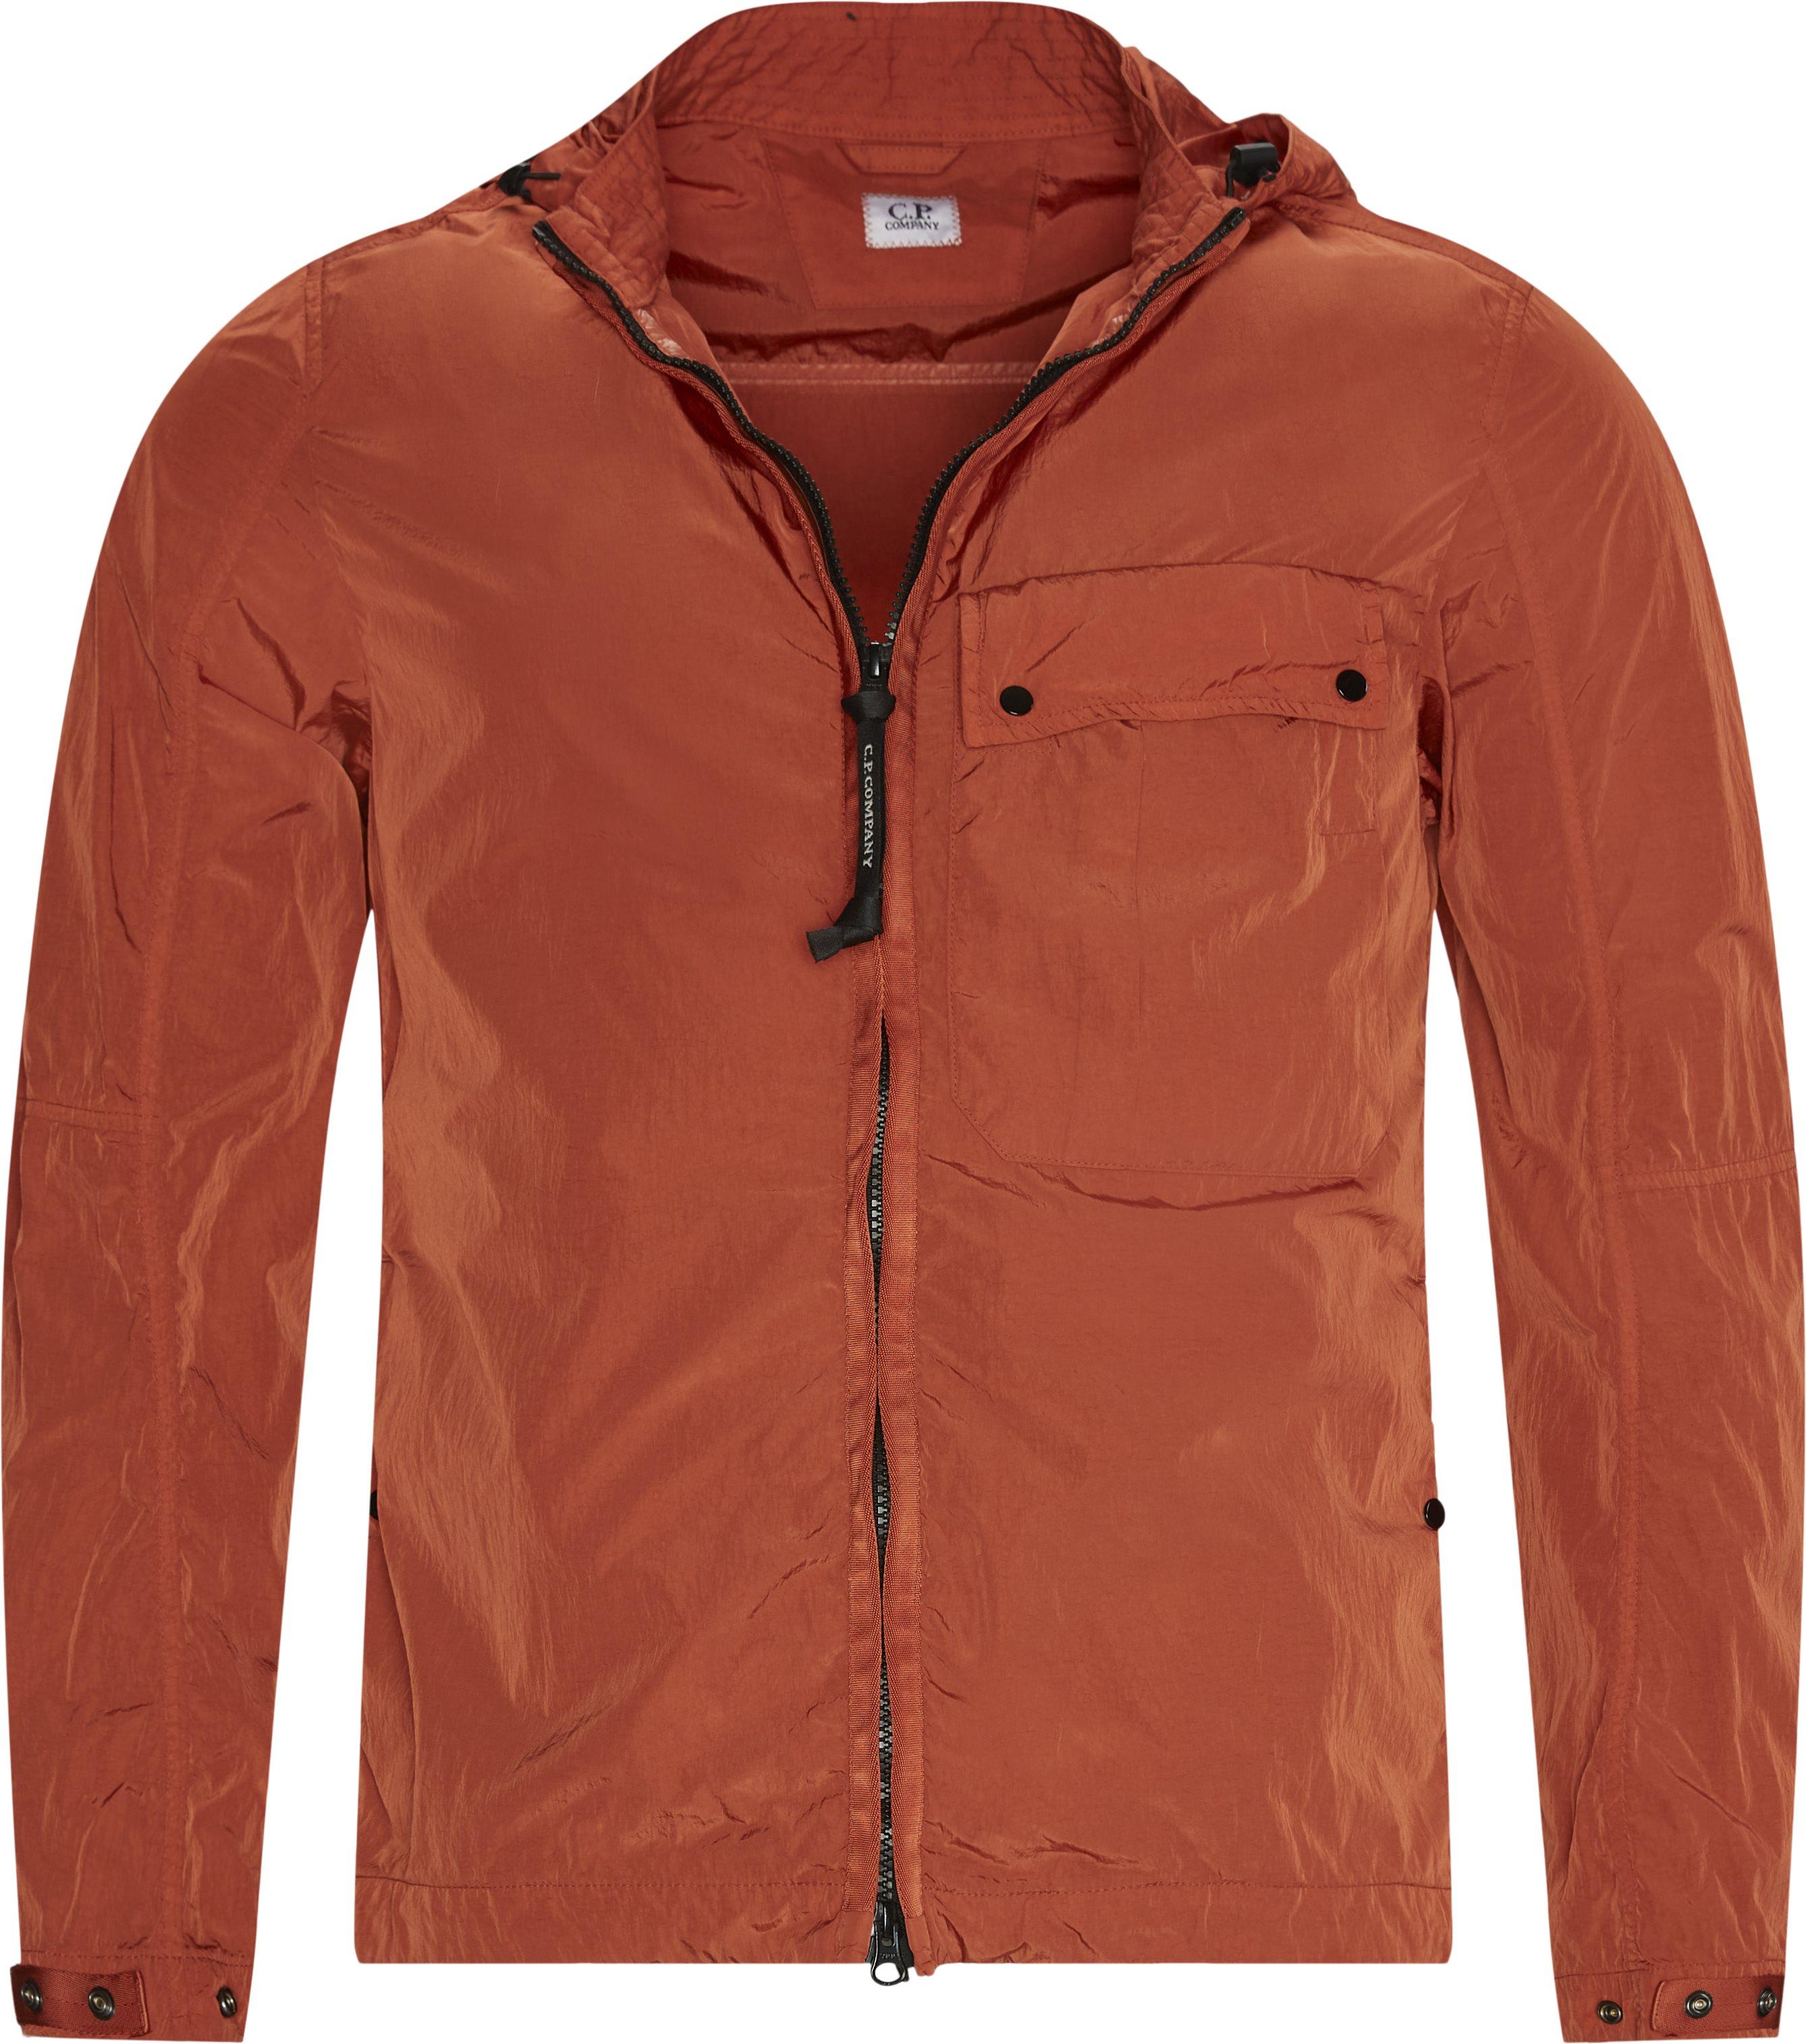 Overshirt Lens Jacket - Jakker - Regular fit - Orange